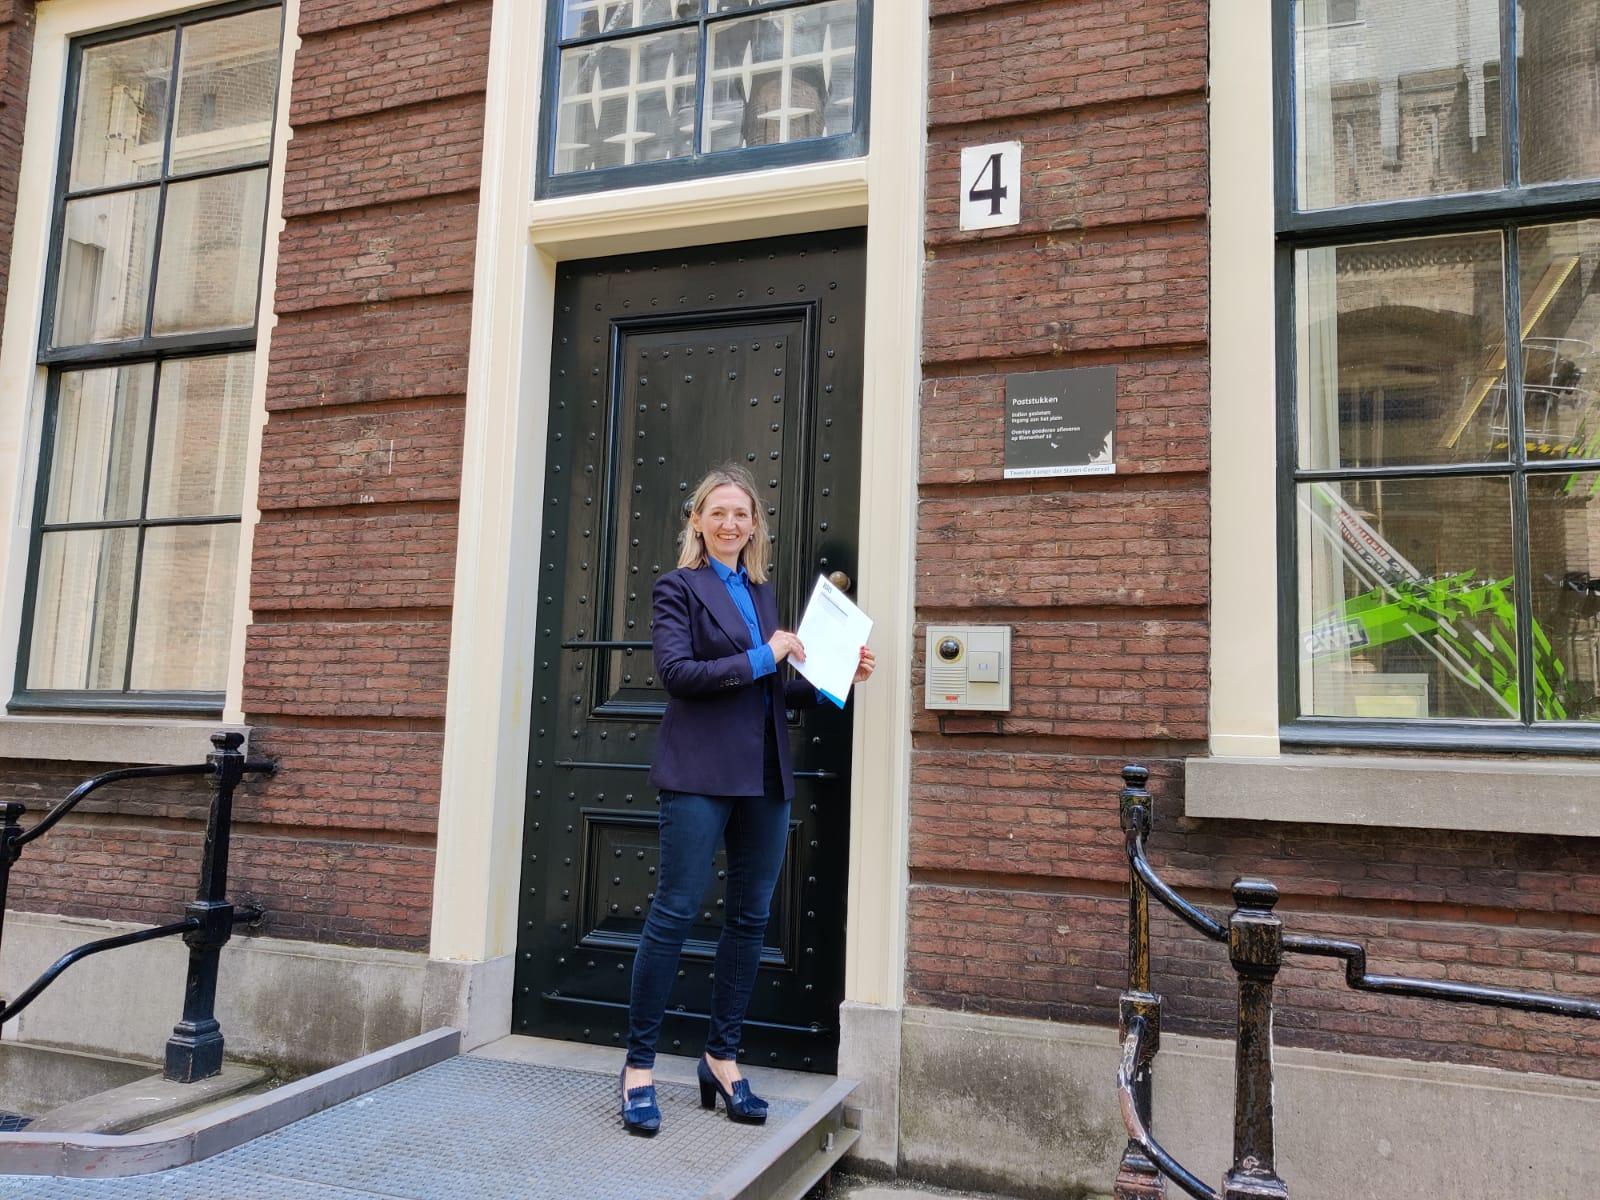 HollandBIO-directeur Annemiek Verkamman geeft de brief af bij de Tweede Kamer